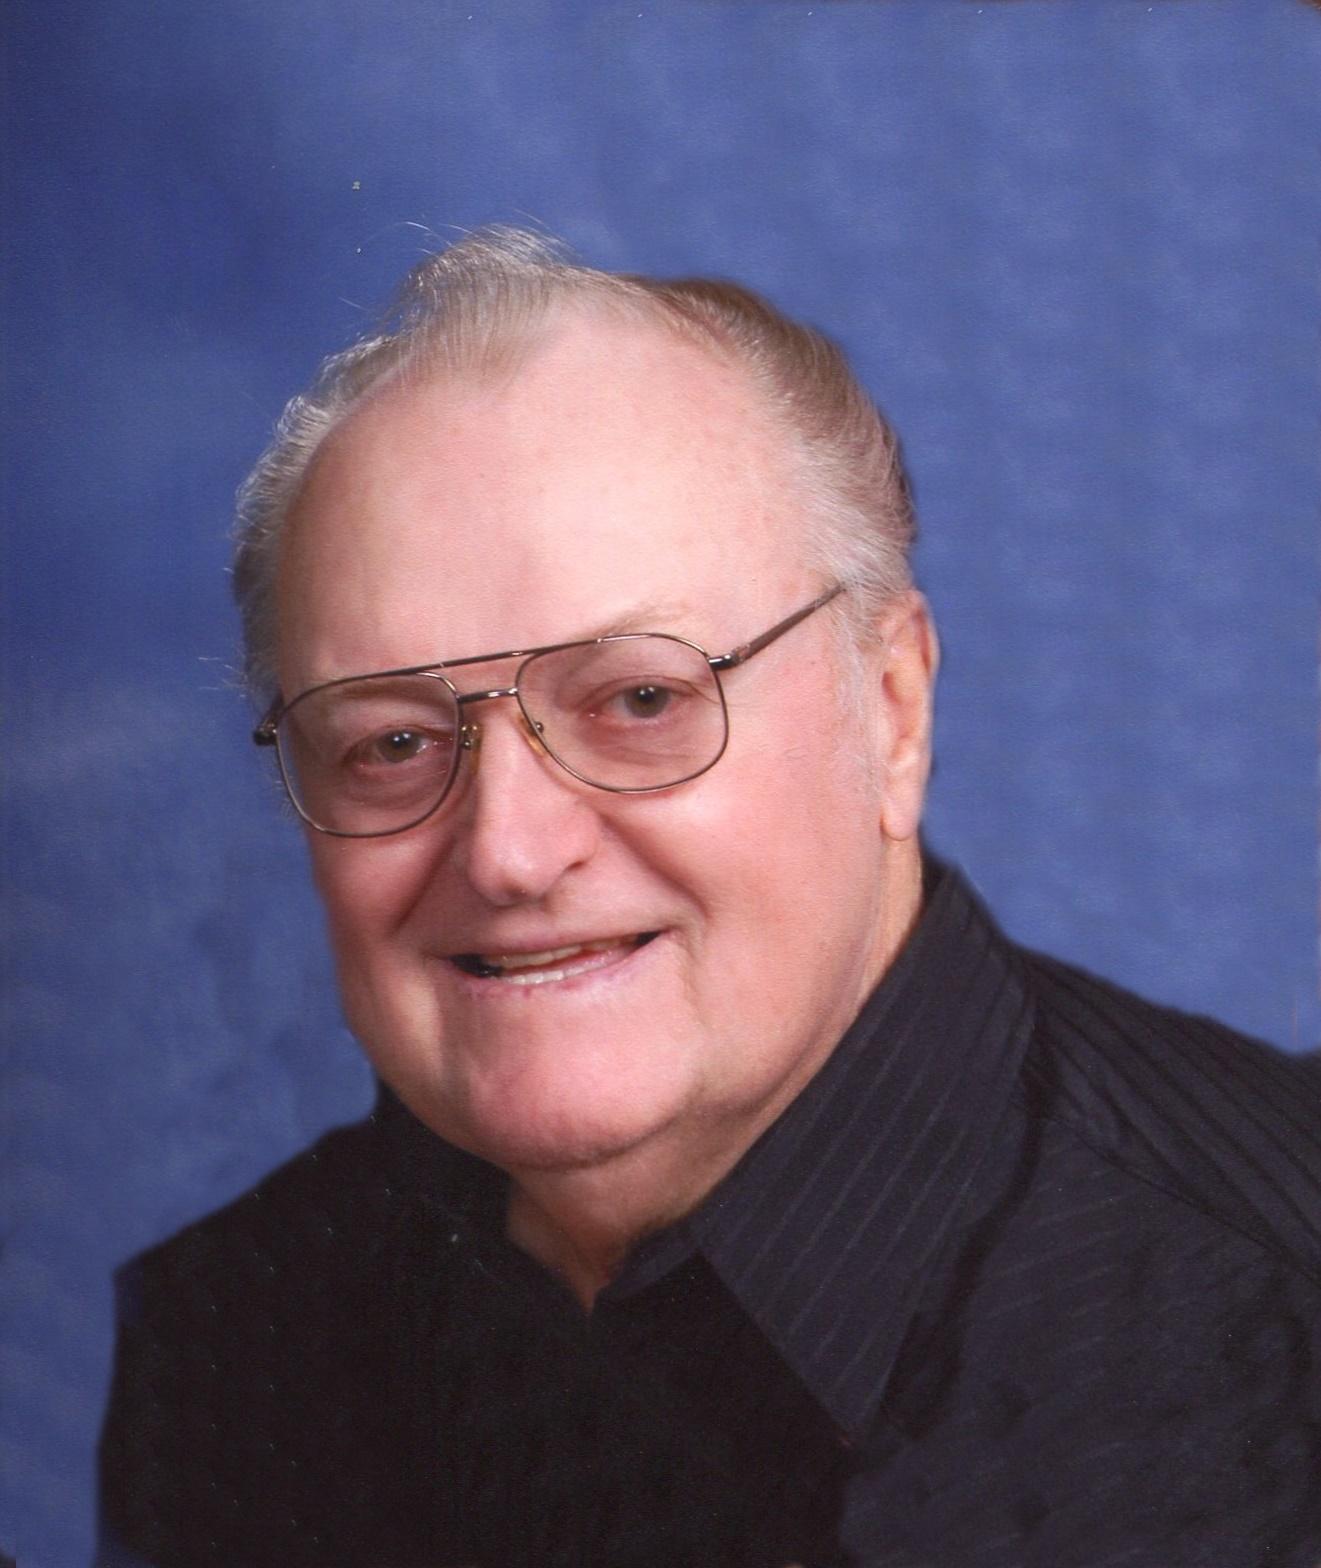 Rodney Macholan, age 74, of Linwood